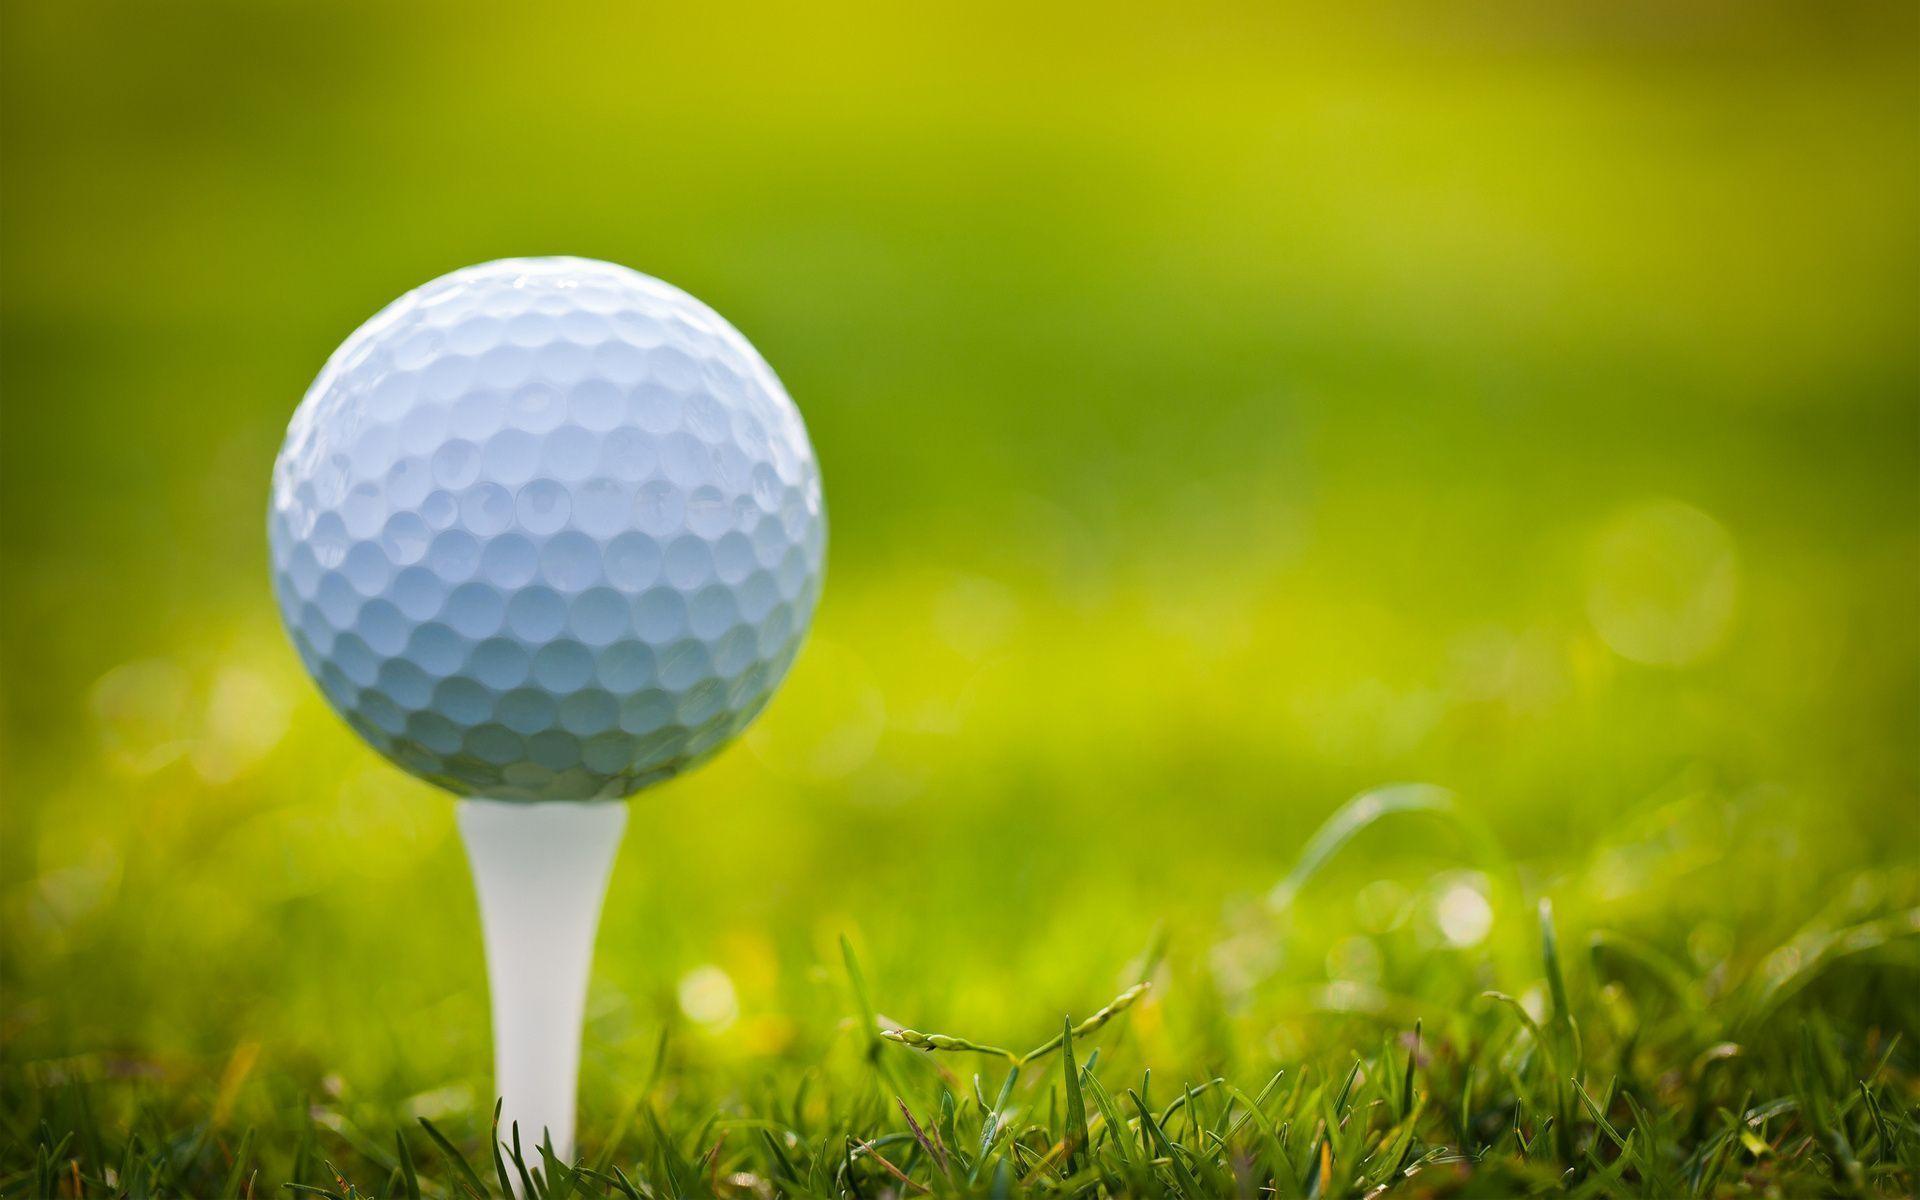 cool ball golf wallpaper - photo #2